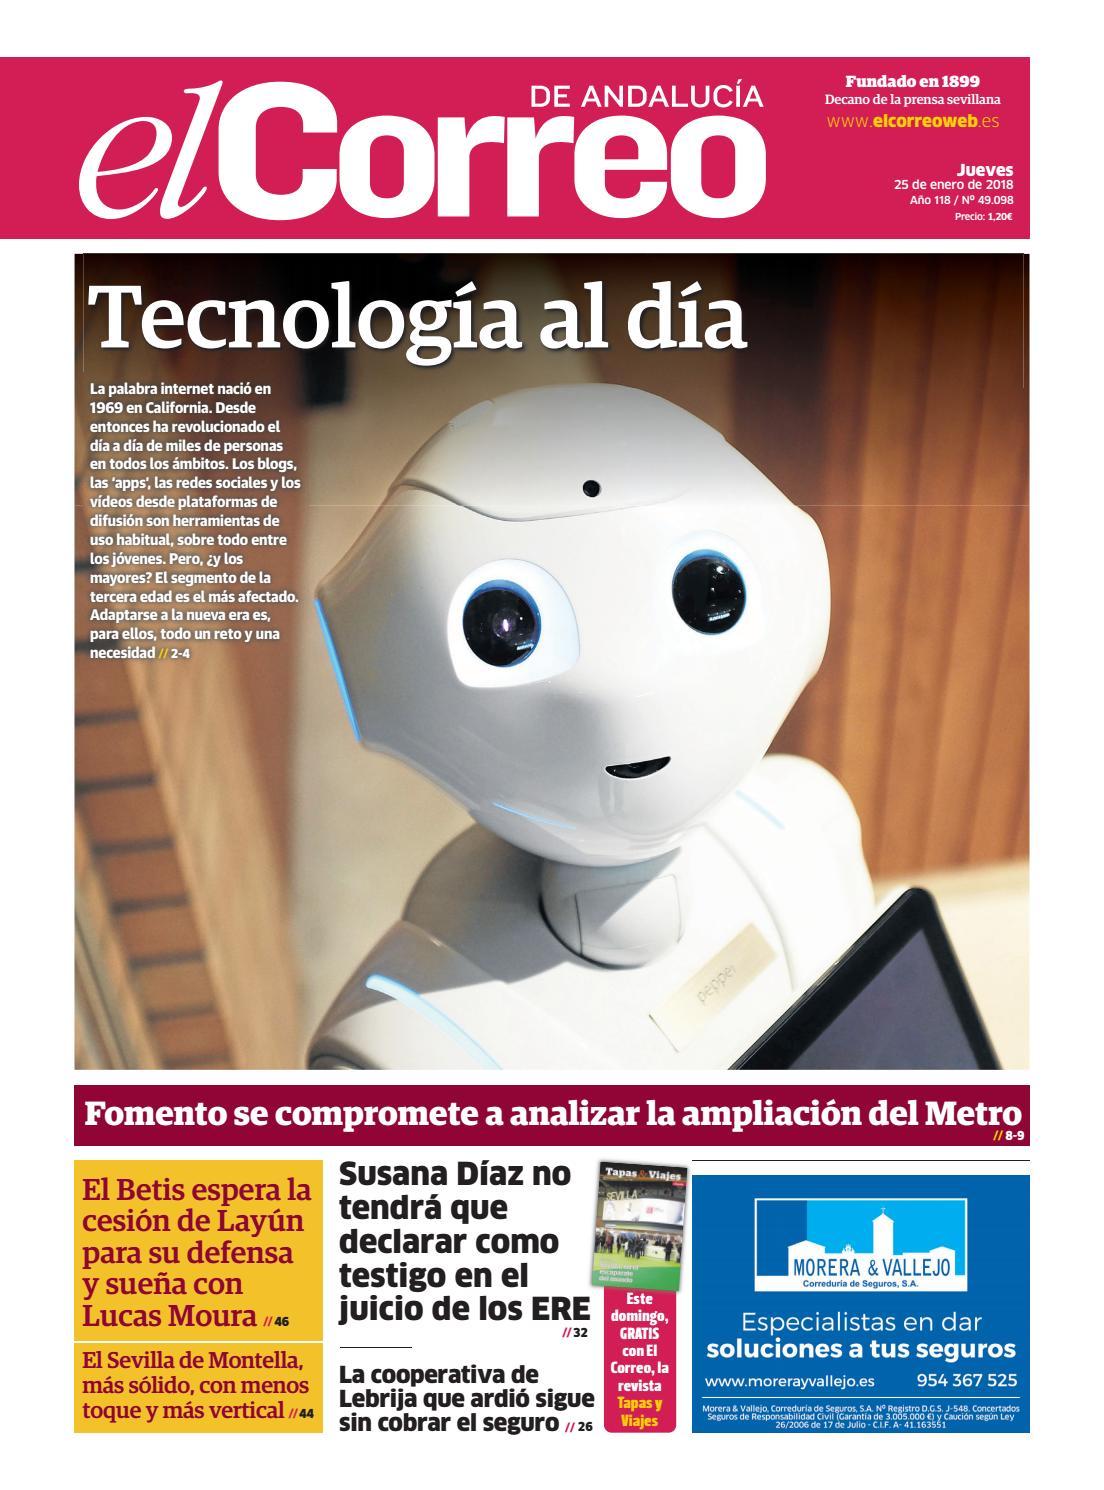 25.01.2018 El Correo de Andalucía by EL CORREO DE ANDALUCÍA S.L. - issuu